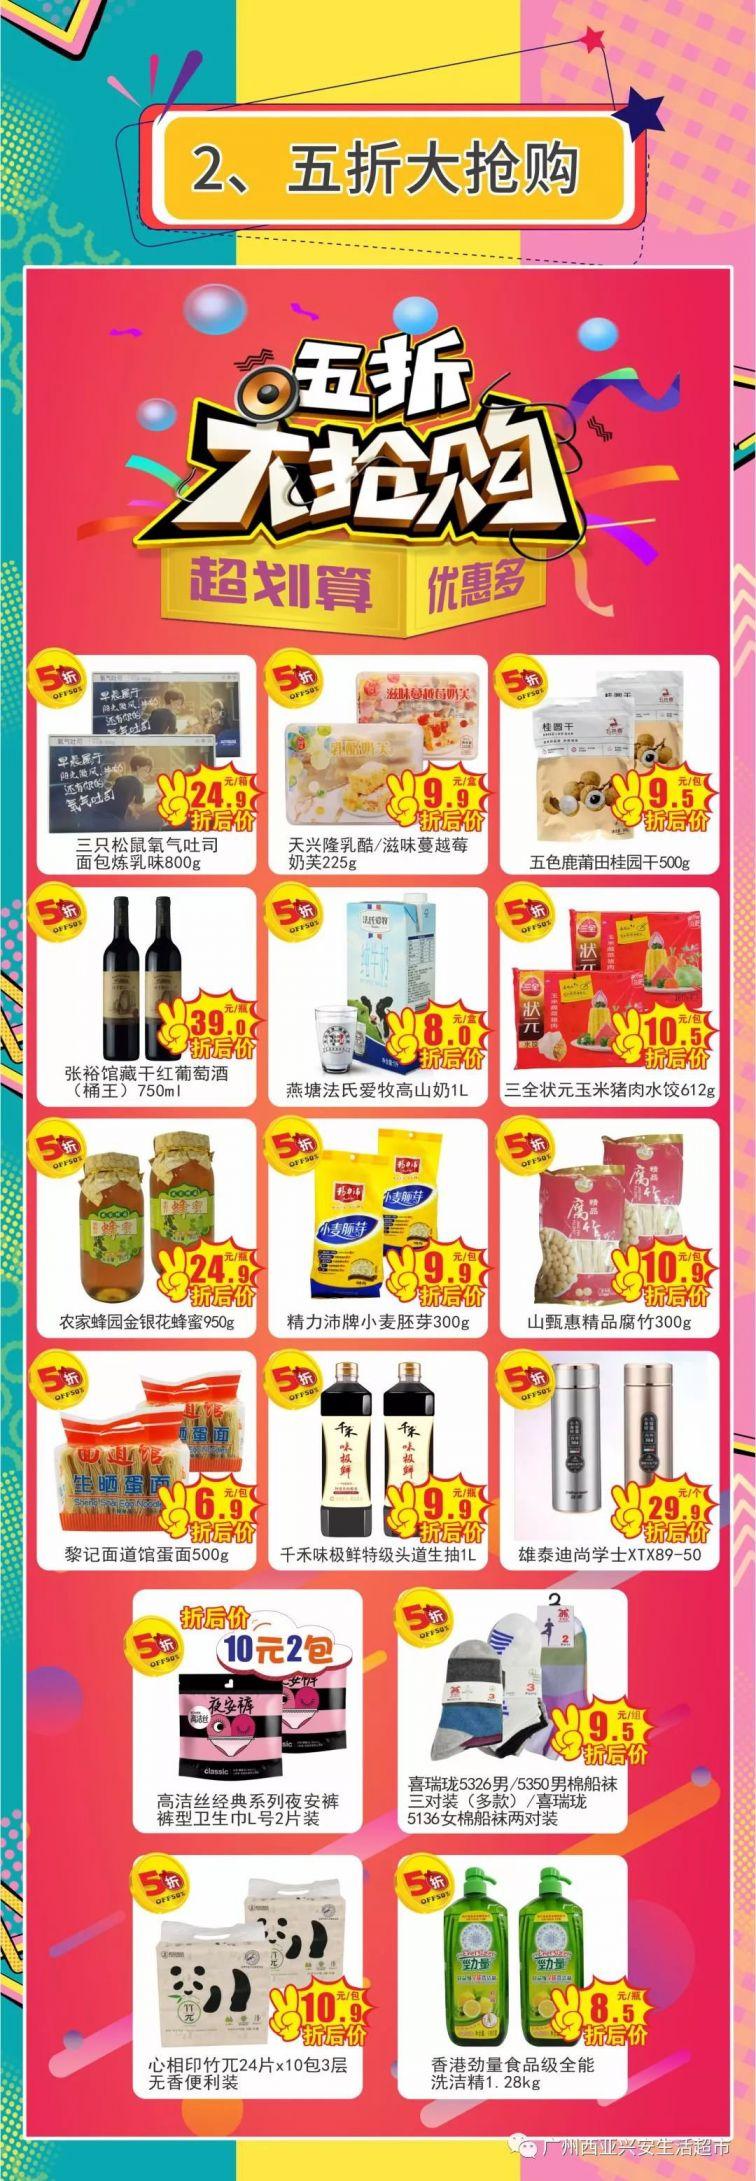 西亚兴安生活超市 | 双十一囤货节(11.6-11.12)